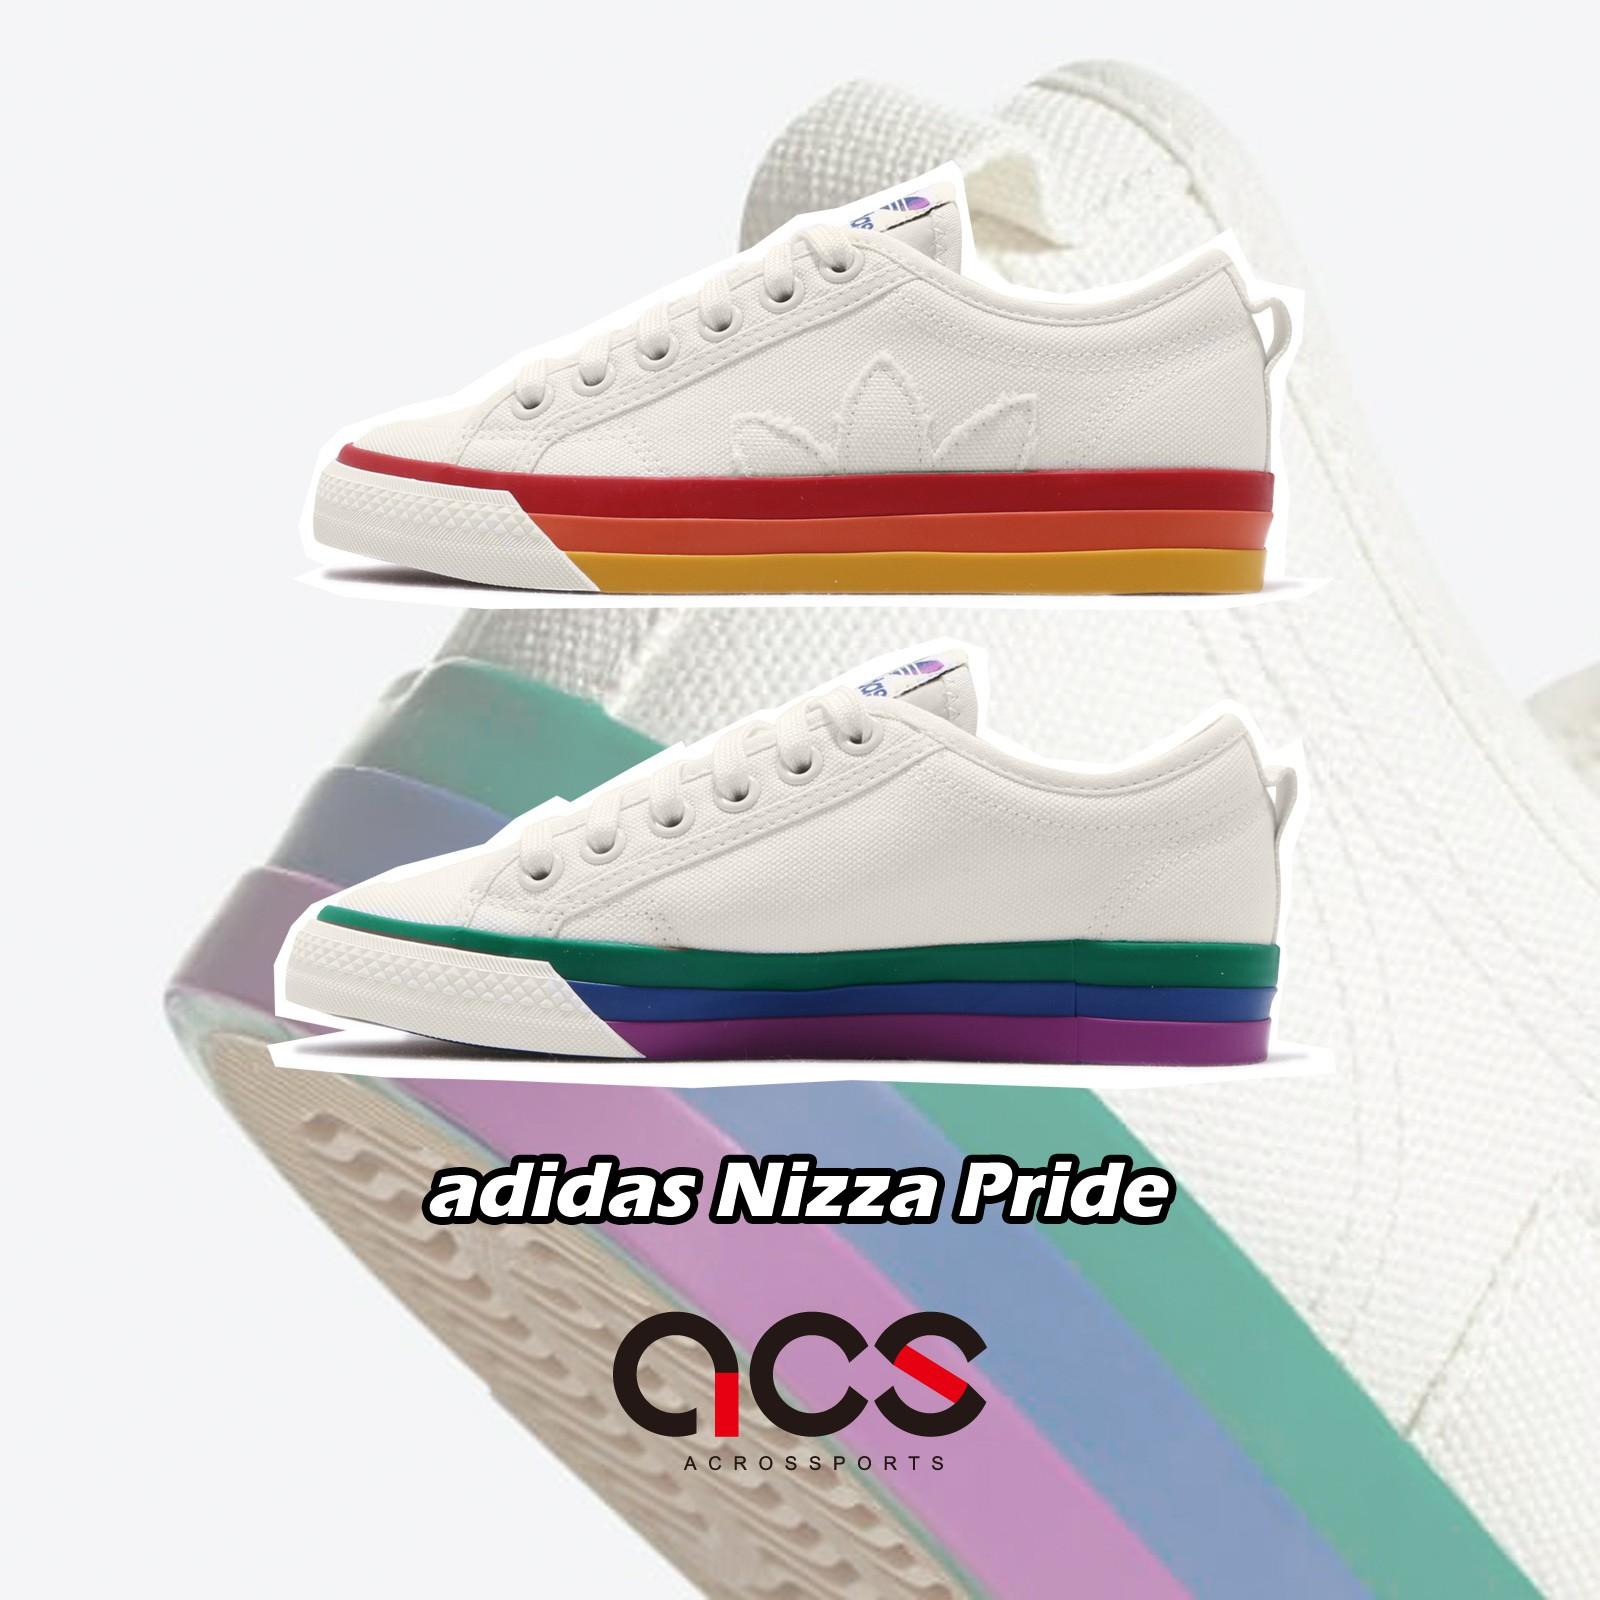 adidas 休閒鞋 Nizza Pride 米白 彩色 男鞋 彩虹 帆布鞋 運動鞋 【ACS】 EF2319